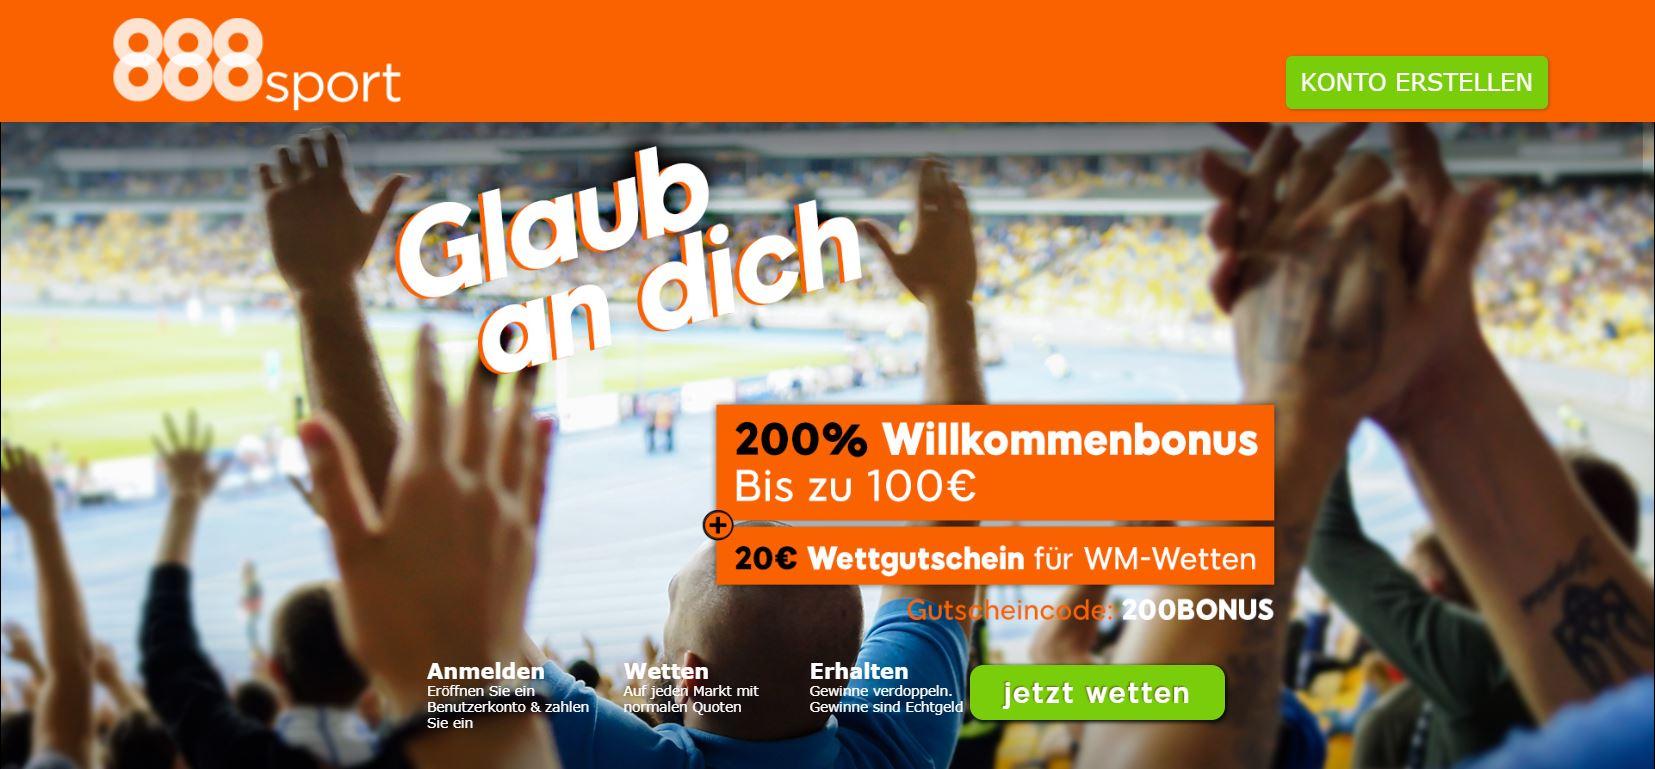 888sport WM 2018 Angebot